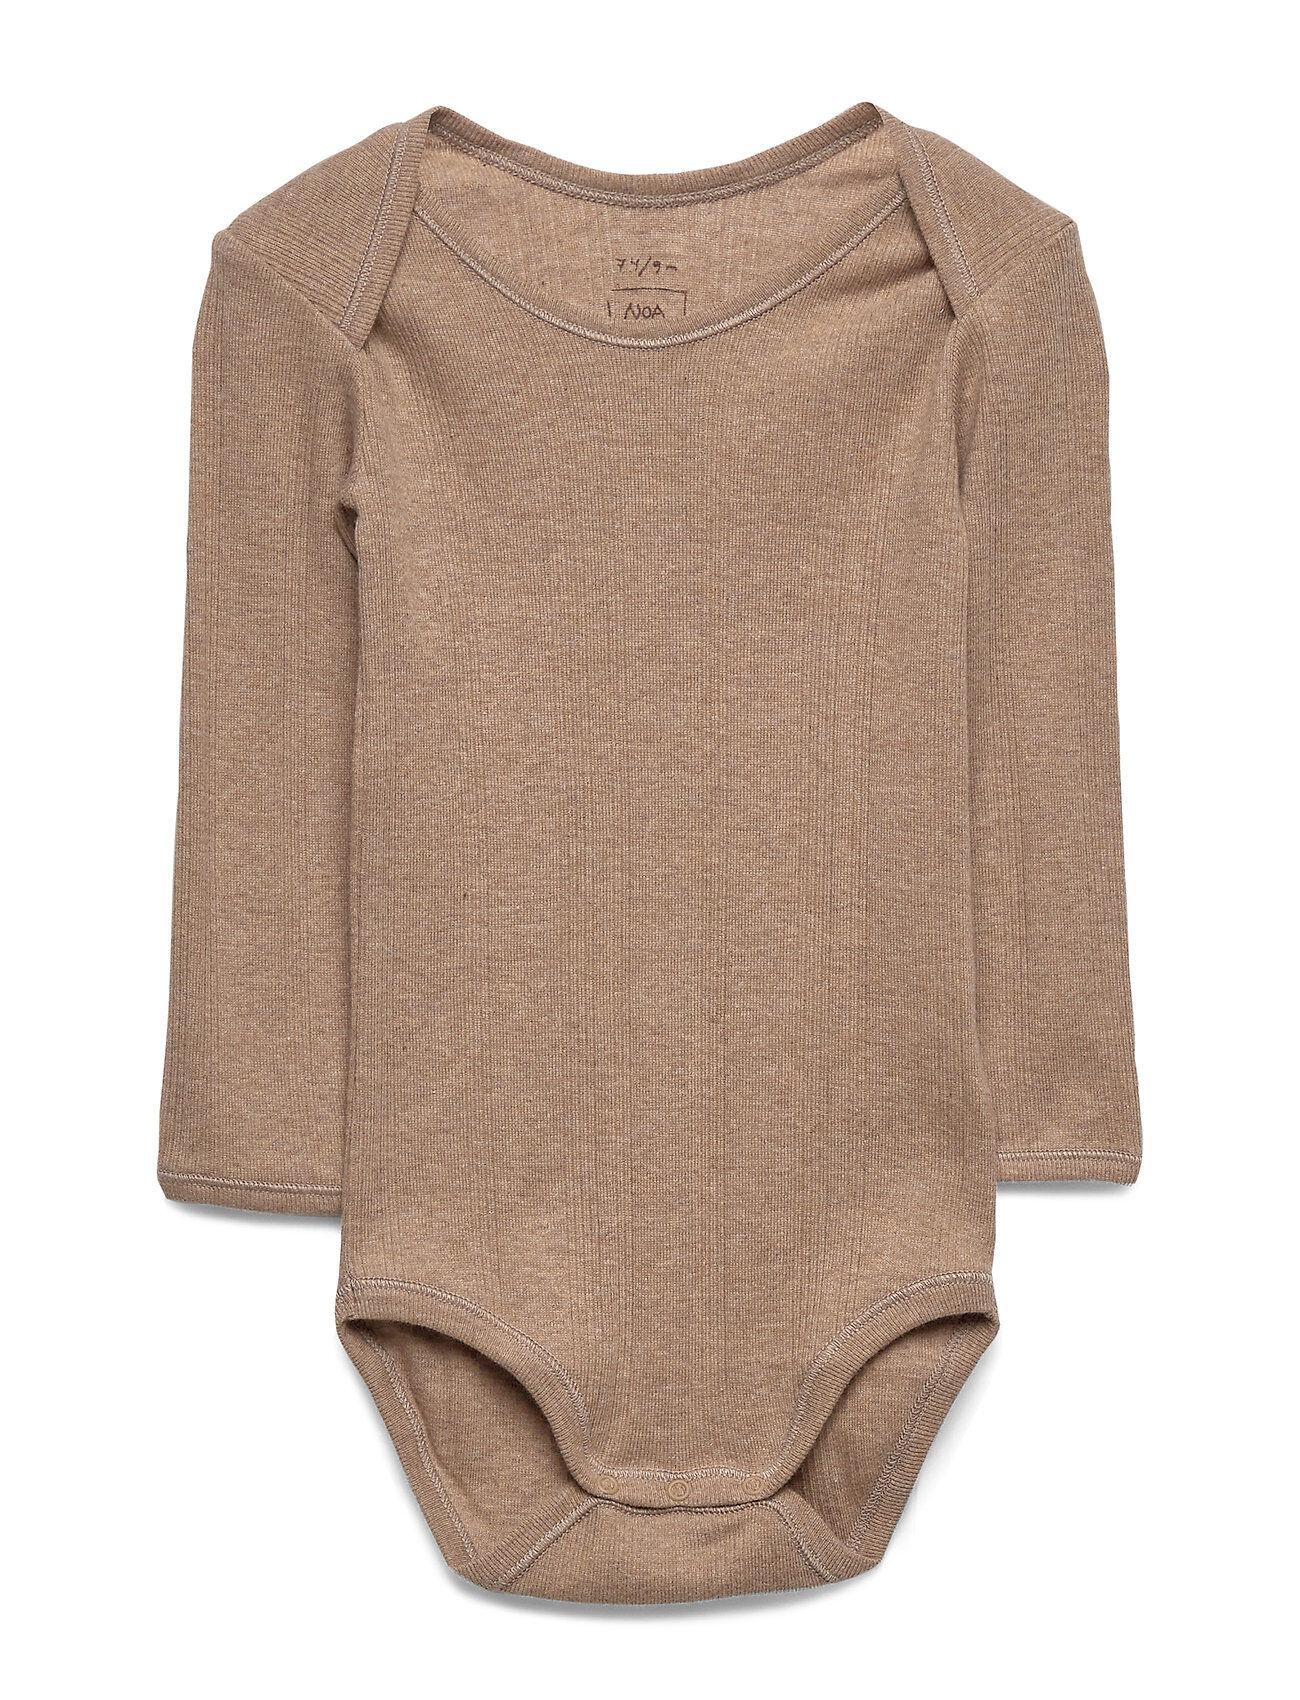 Noa Noa Miniature Baby Body Bodies Long-sleeved Ruskea Noa Noa Miniature